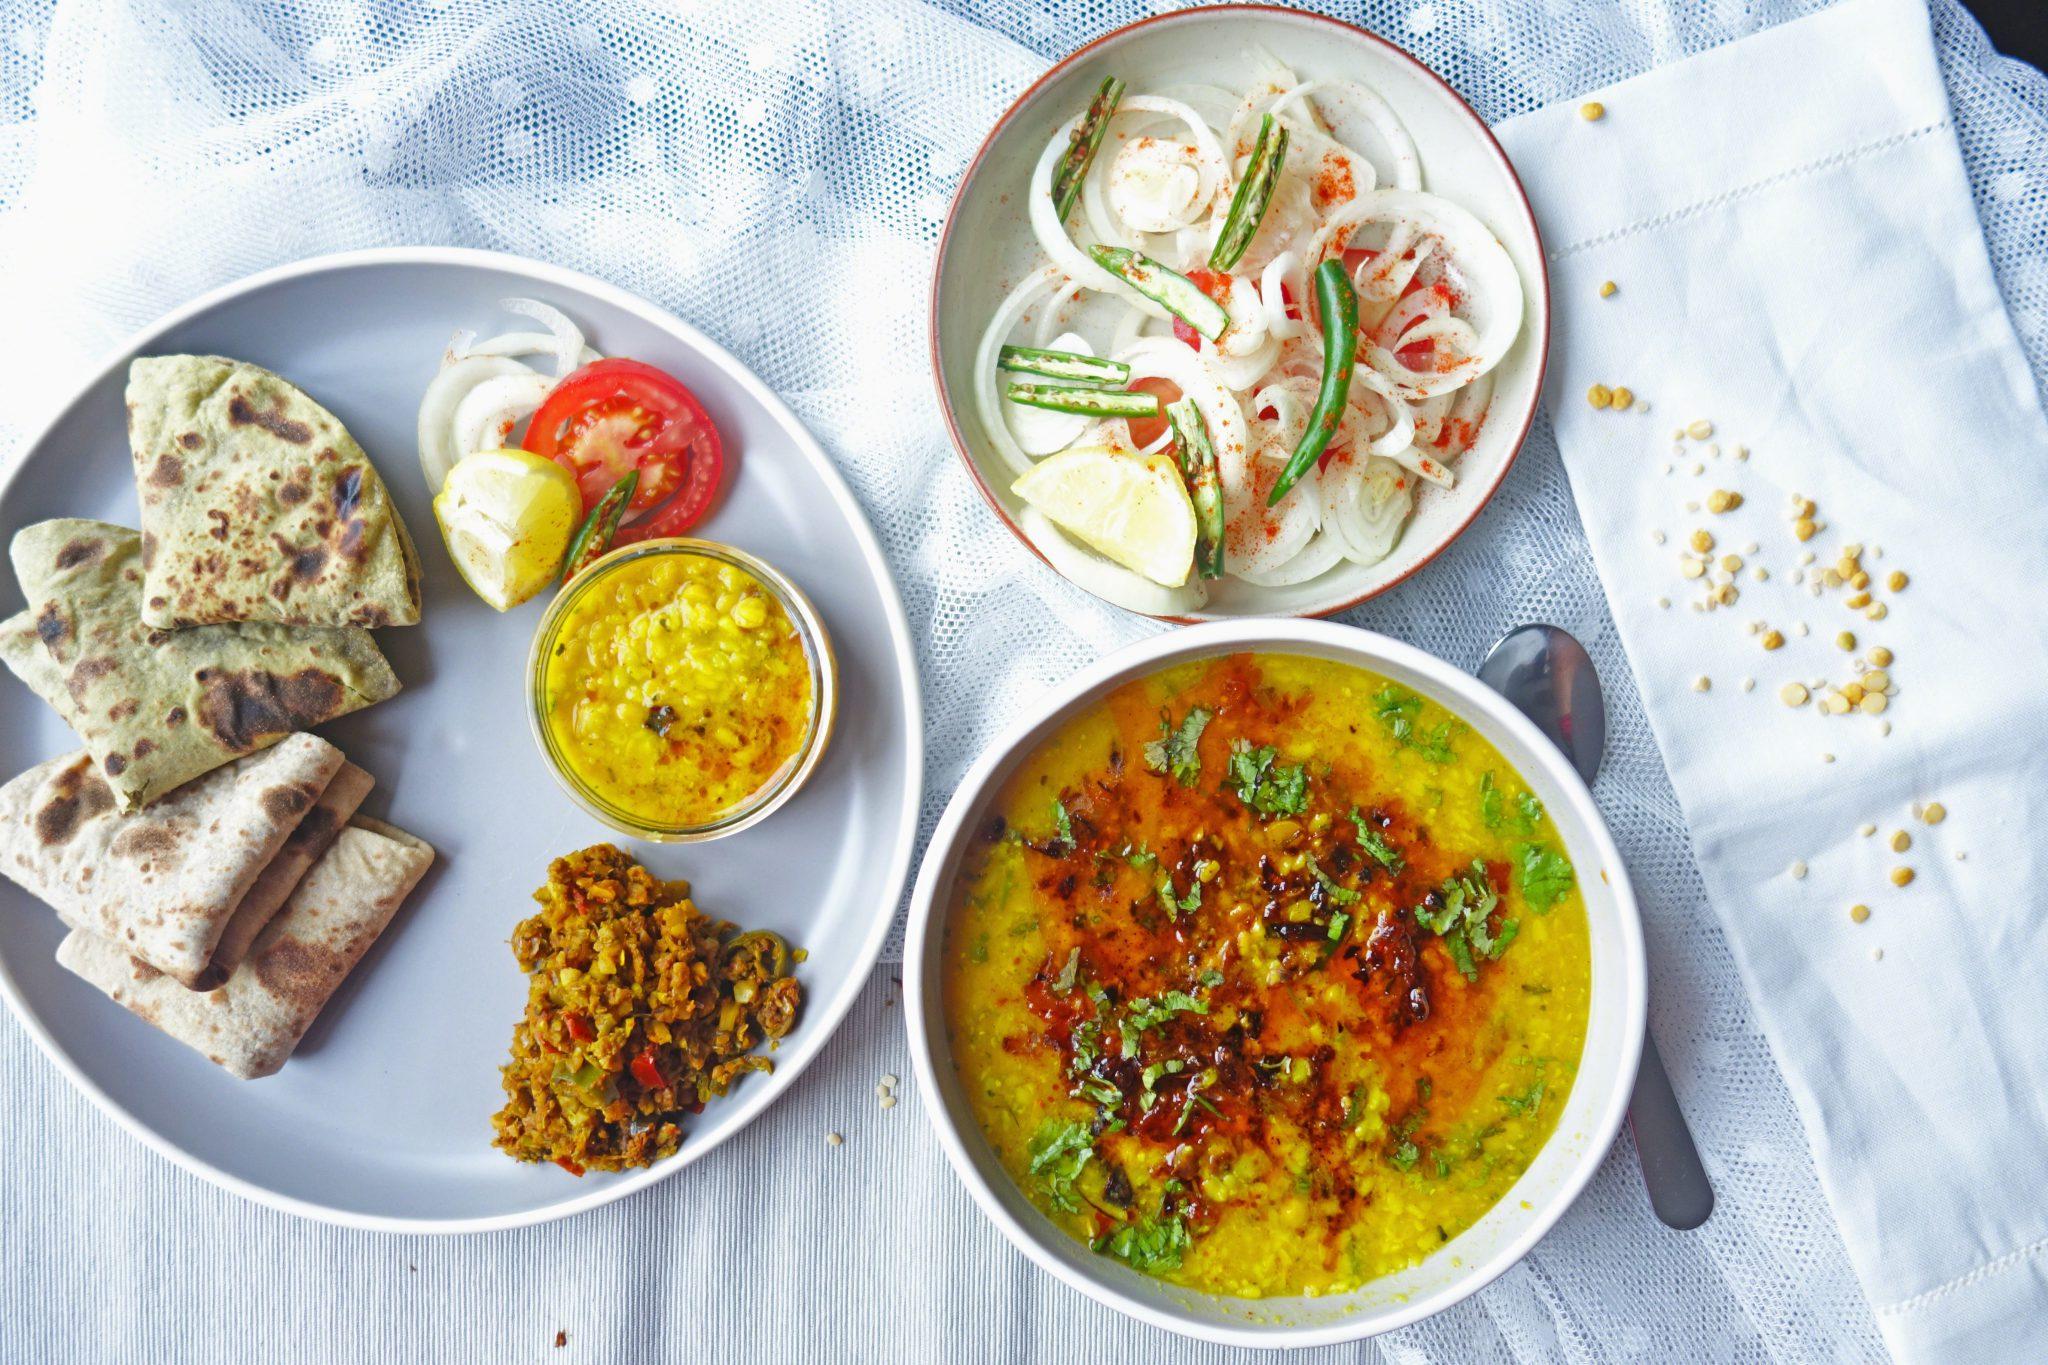 Urad Chana daal / lentil soup recipe